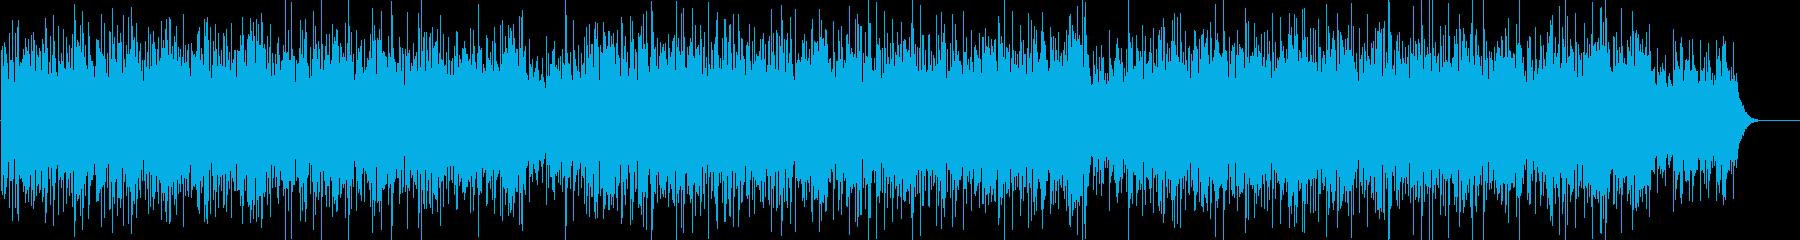 緊張感のあるオーケストラ+エレクトロの再生済みの波形